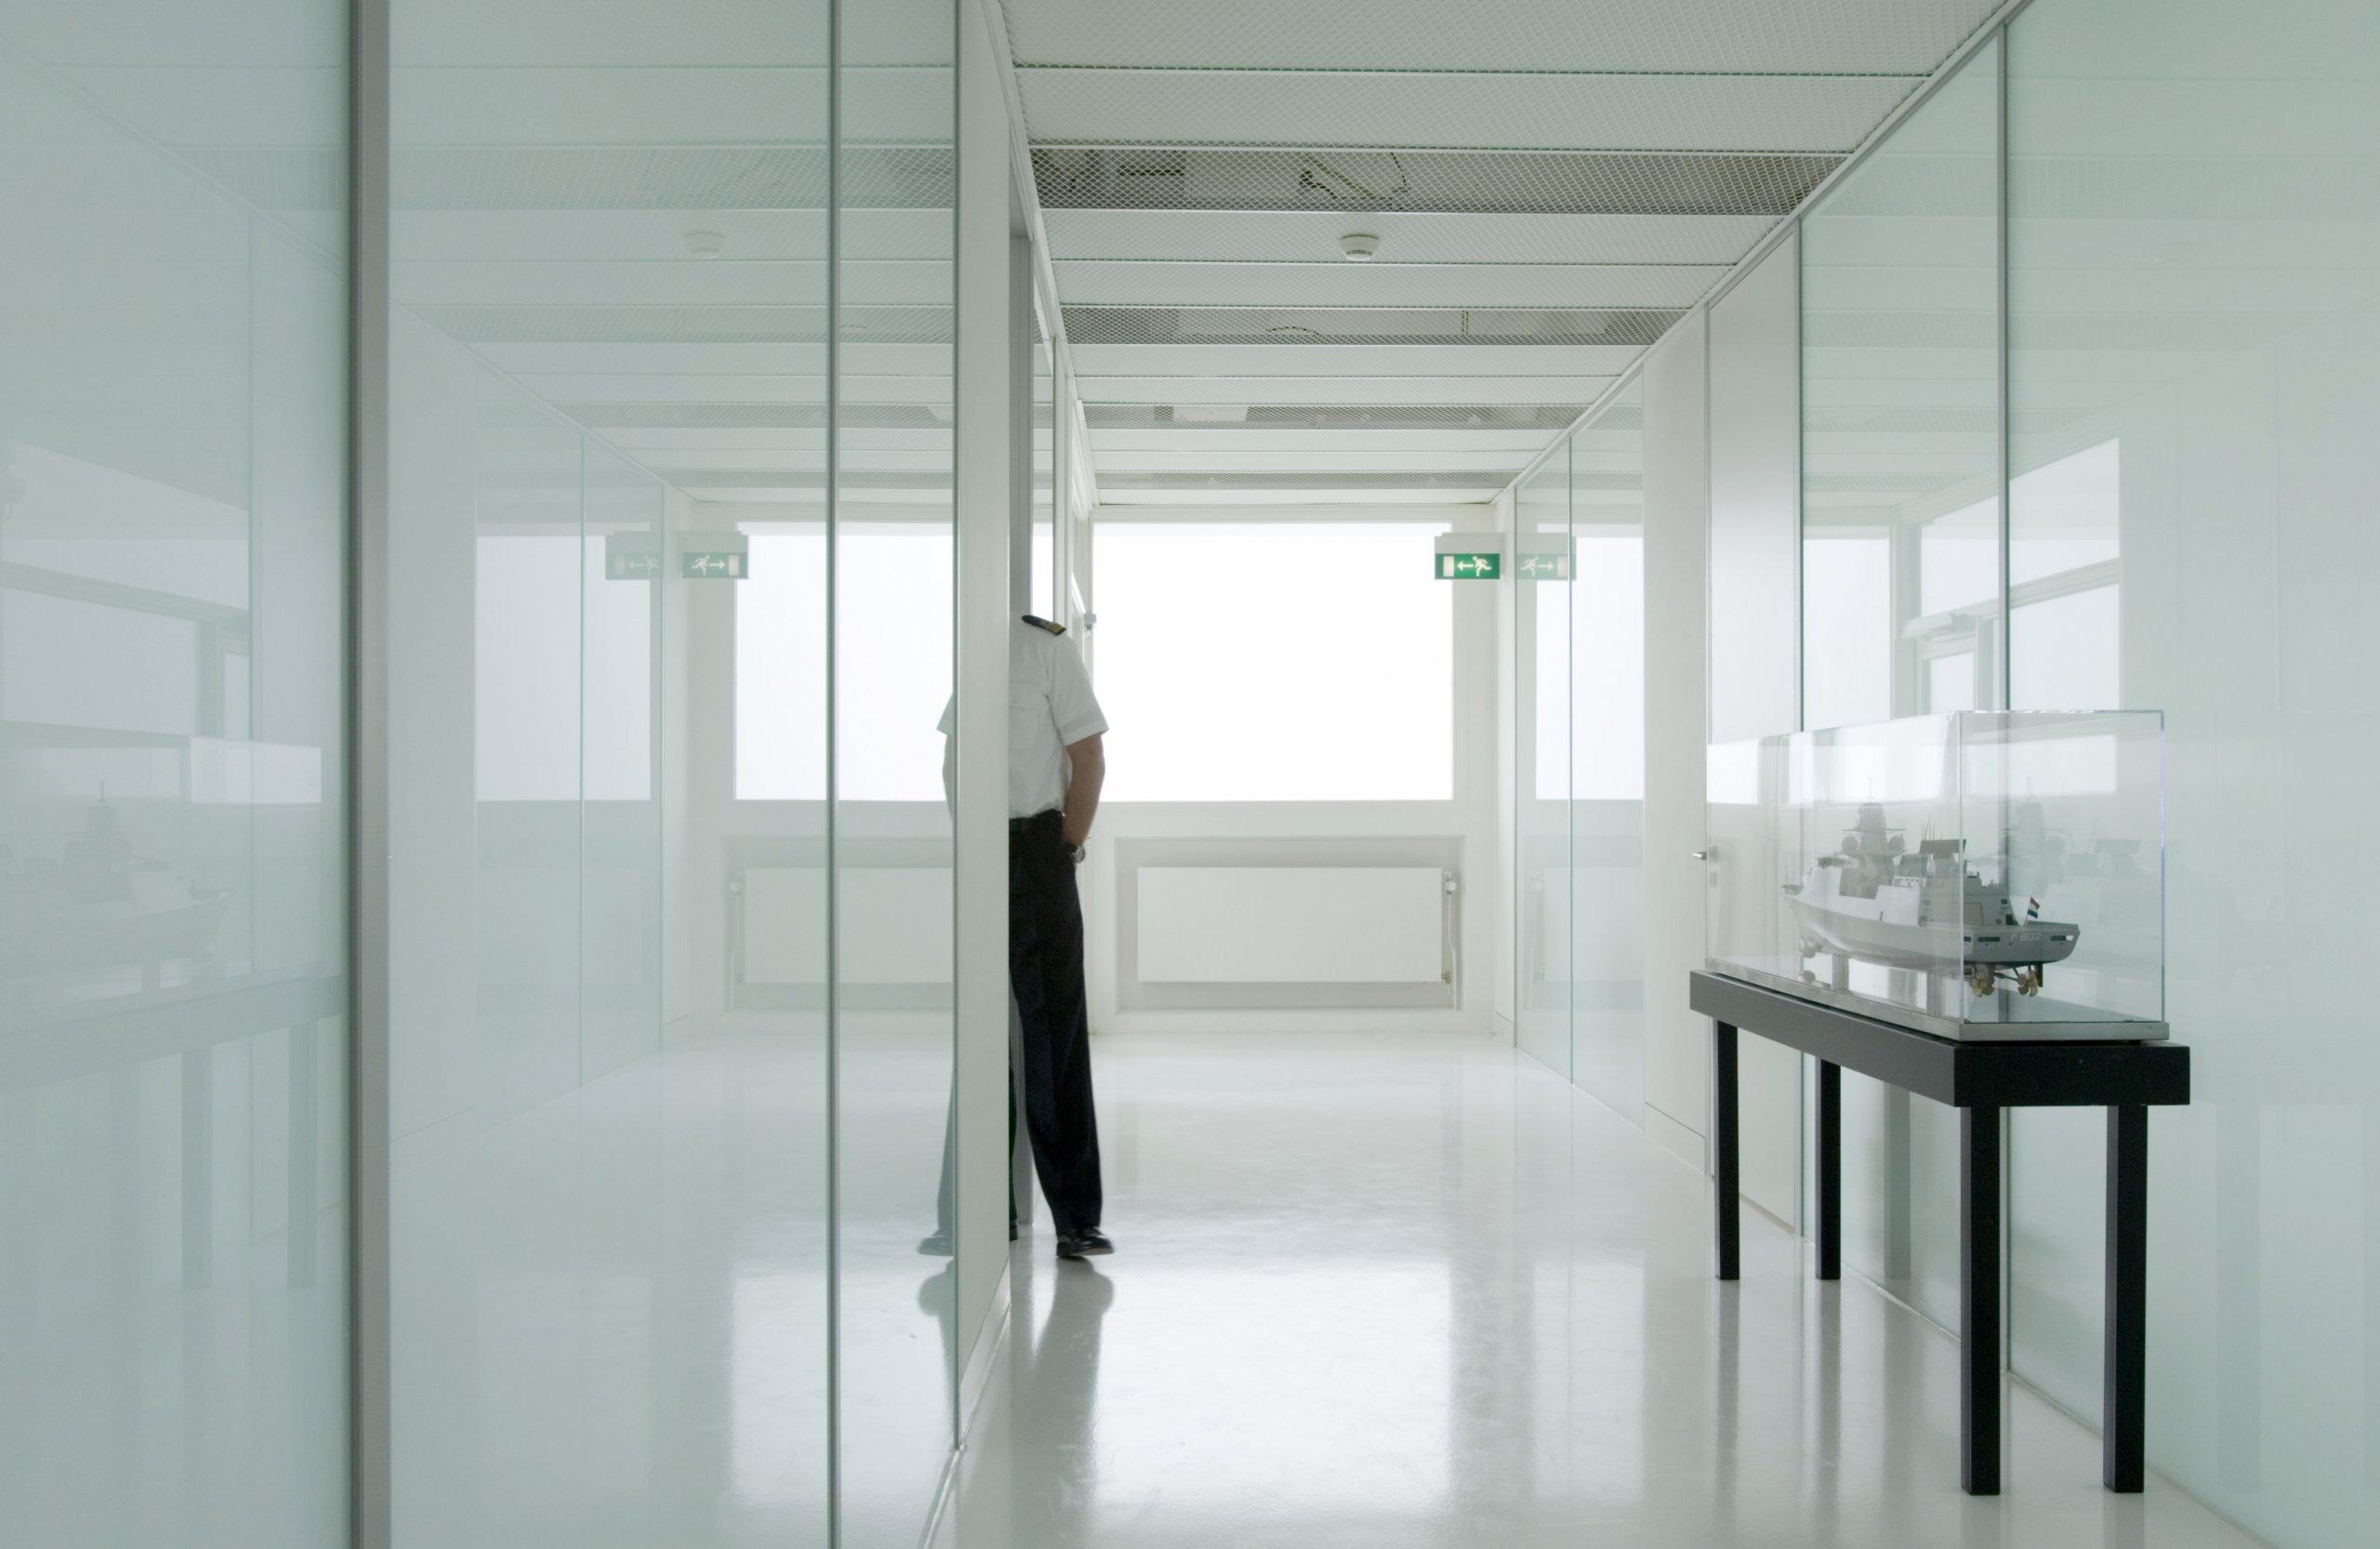 Interieur van getransformeerde logiesgebouw naar Admiraliteitsraad van het directieberaad van het Commando der Zeestrijdkrachten in Den Helder